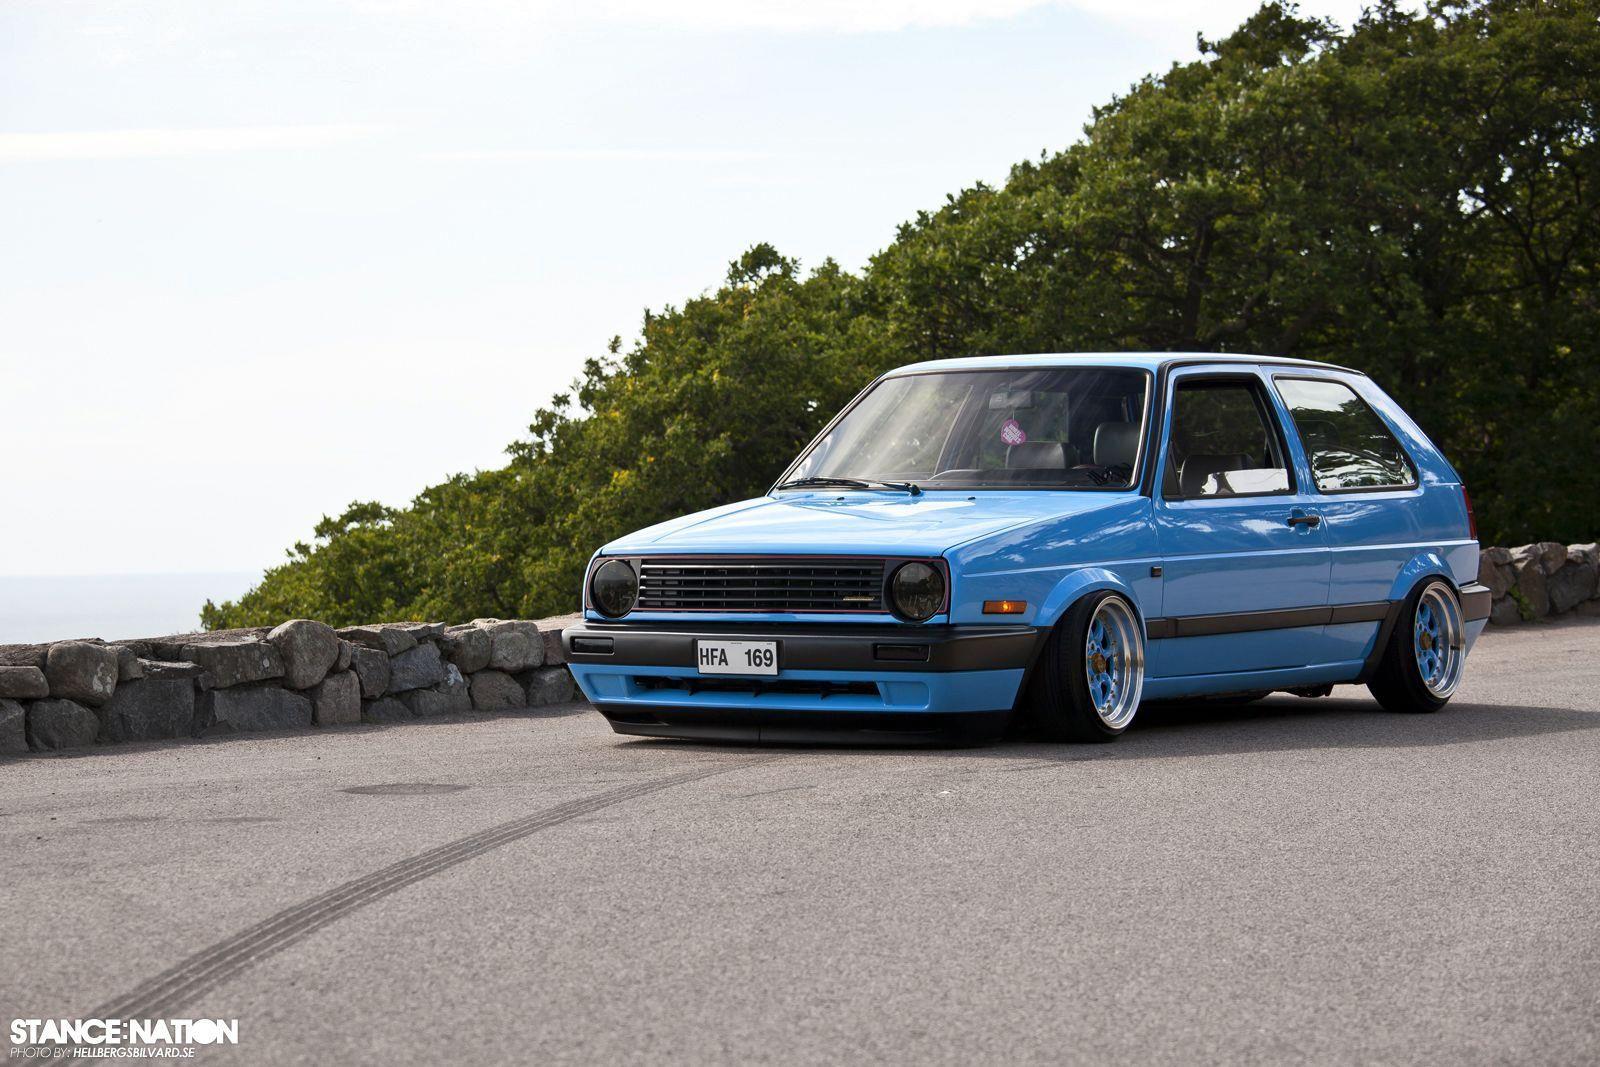 Vw Golf Mk2 Mid Blue Volkswagen Golf Mk2 Volkswagen Golf Mk1